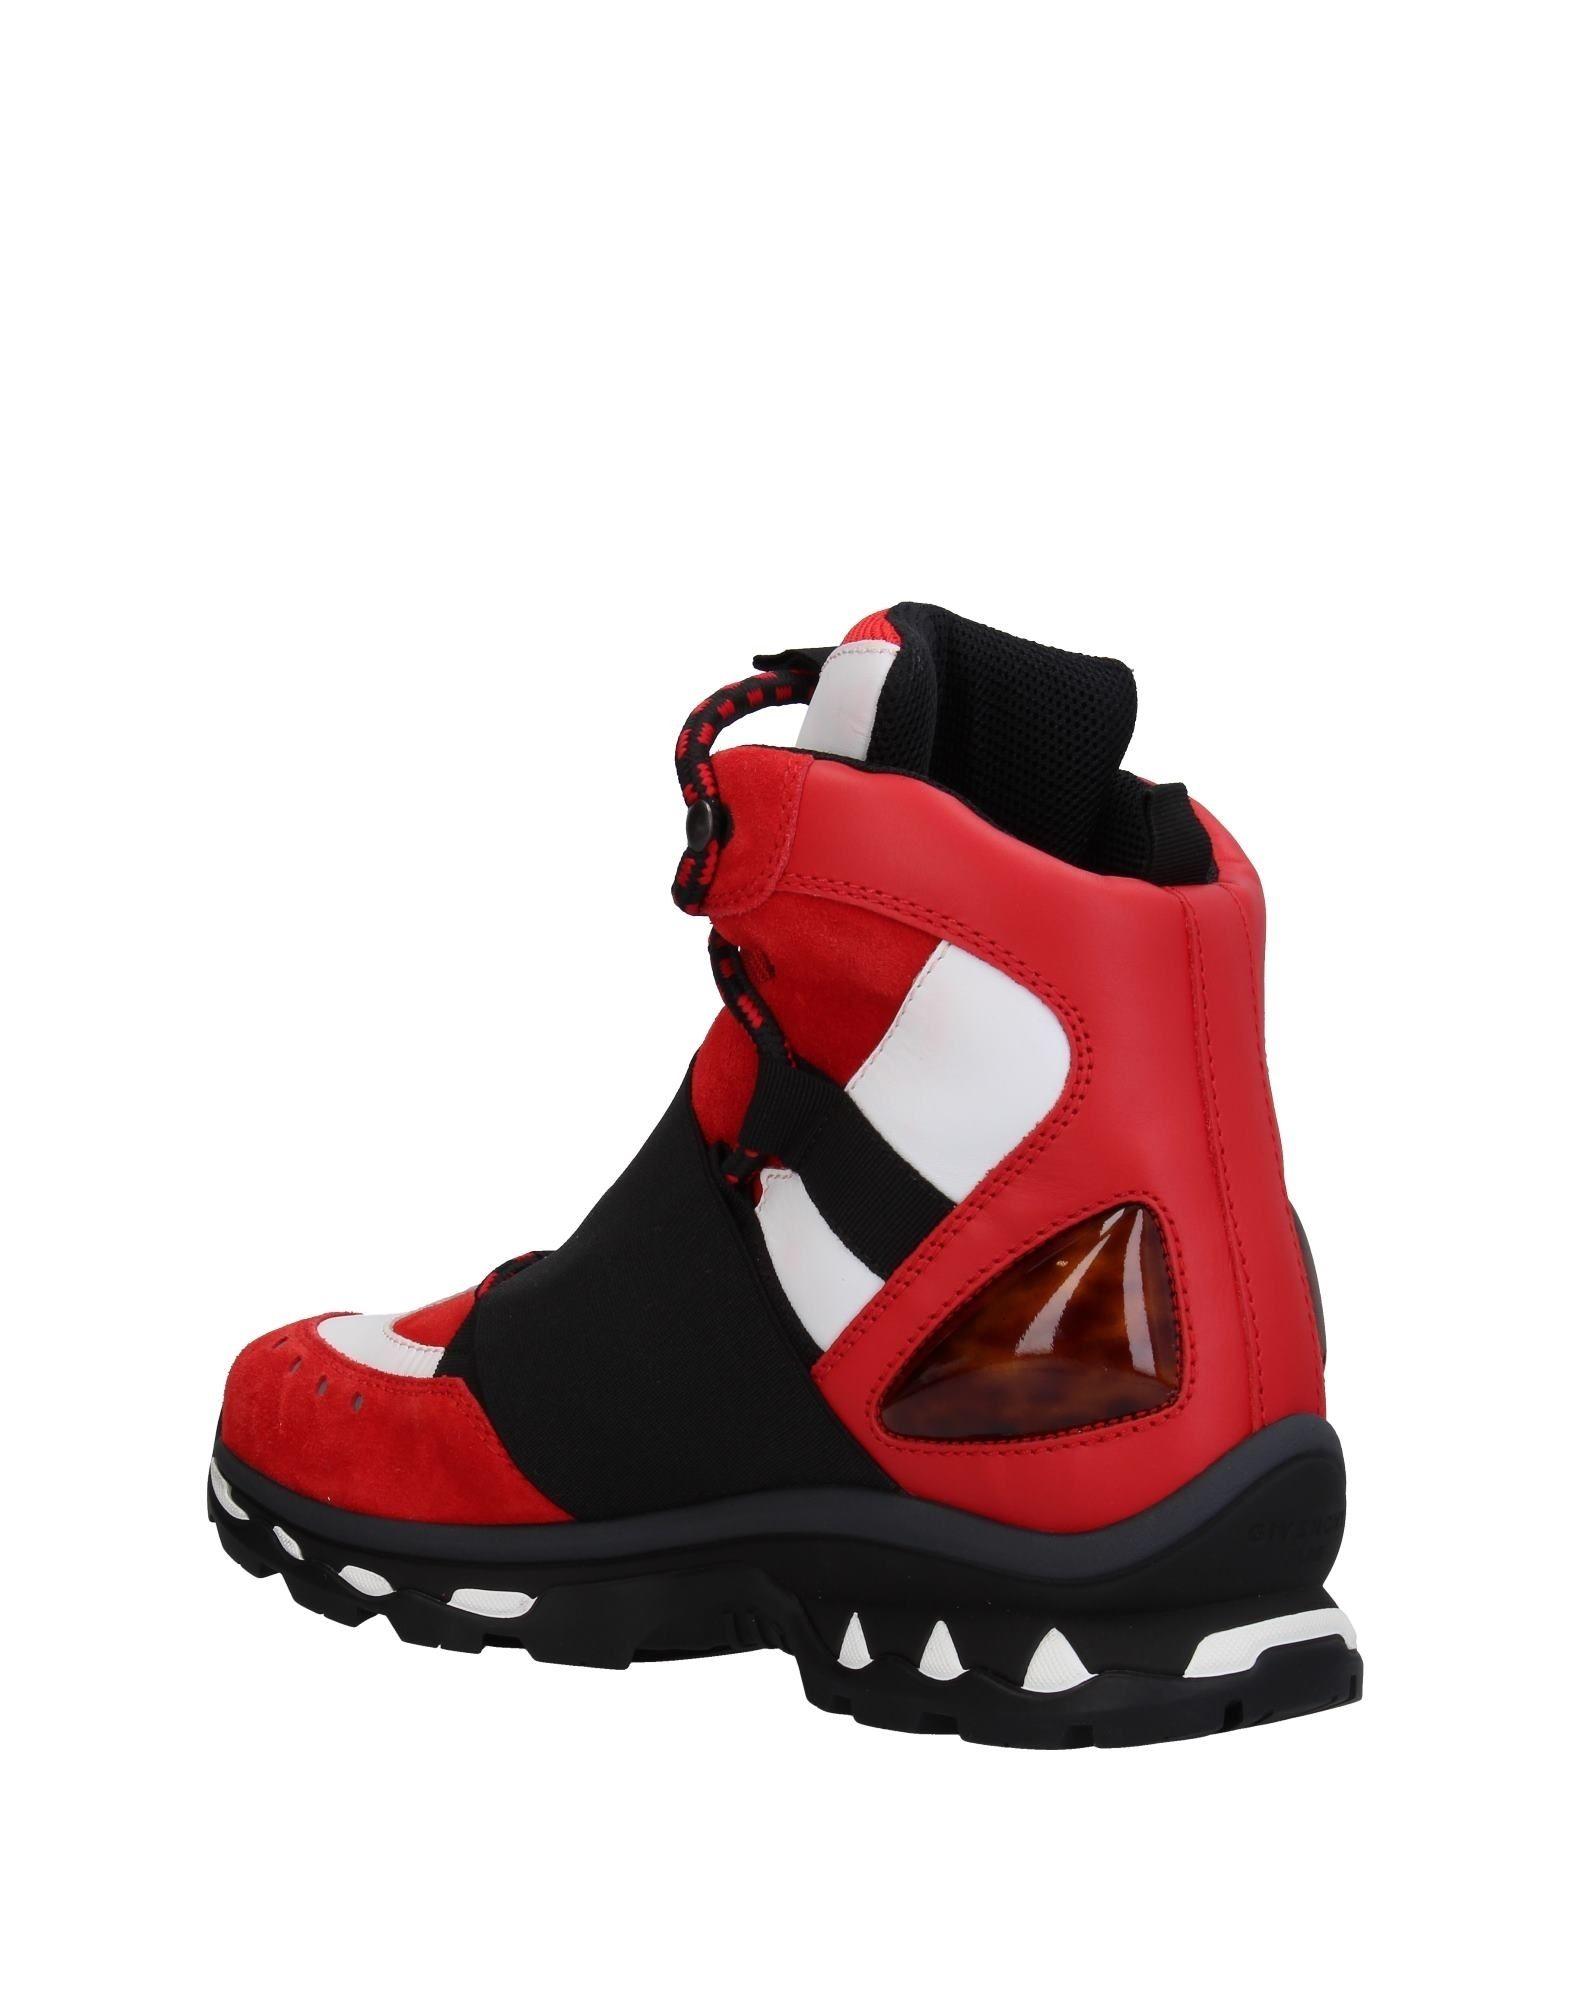 Givenchy Sneakers Herren  Schuhe 11375359IR Gute Qualität beliebte Schuhe  955cc4